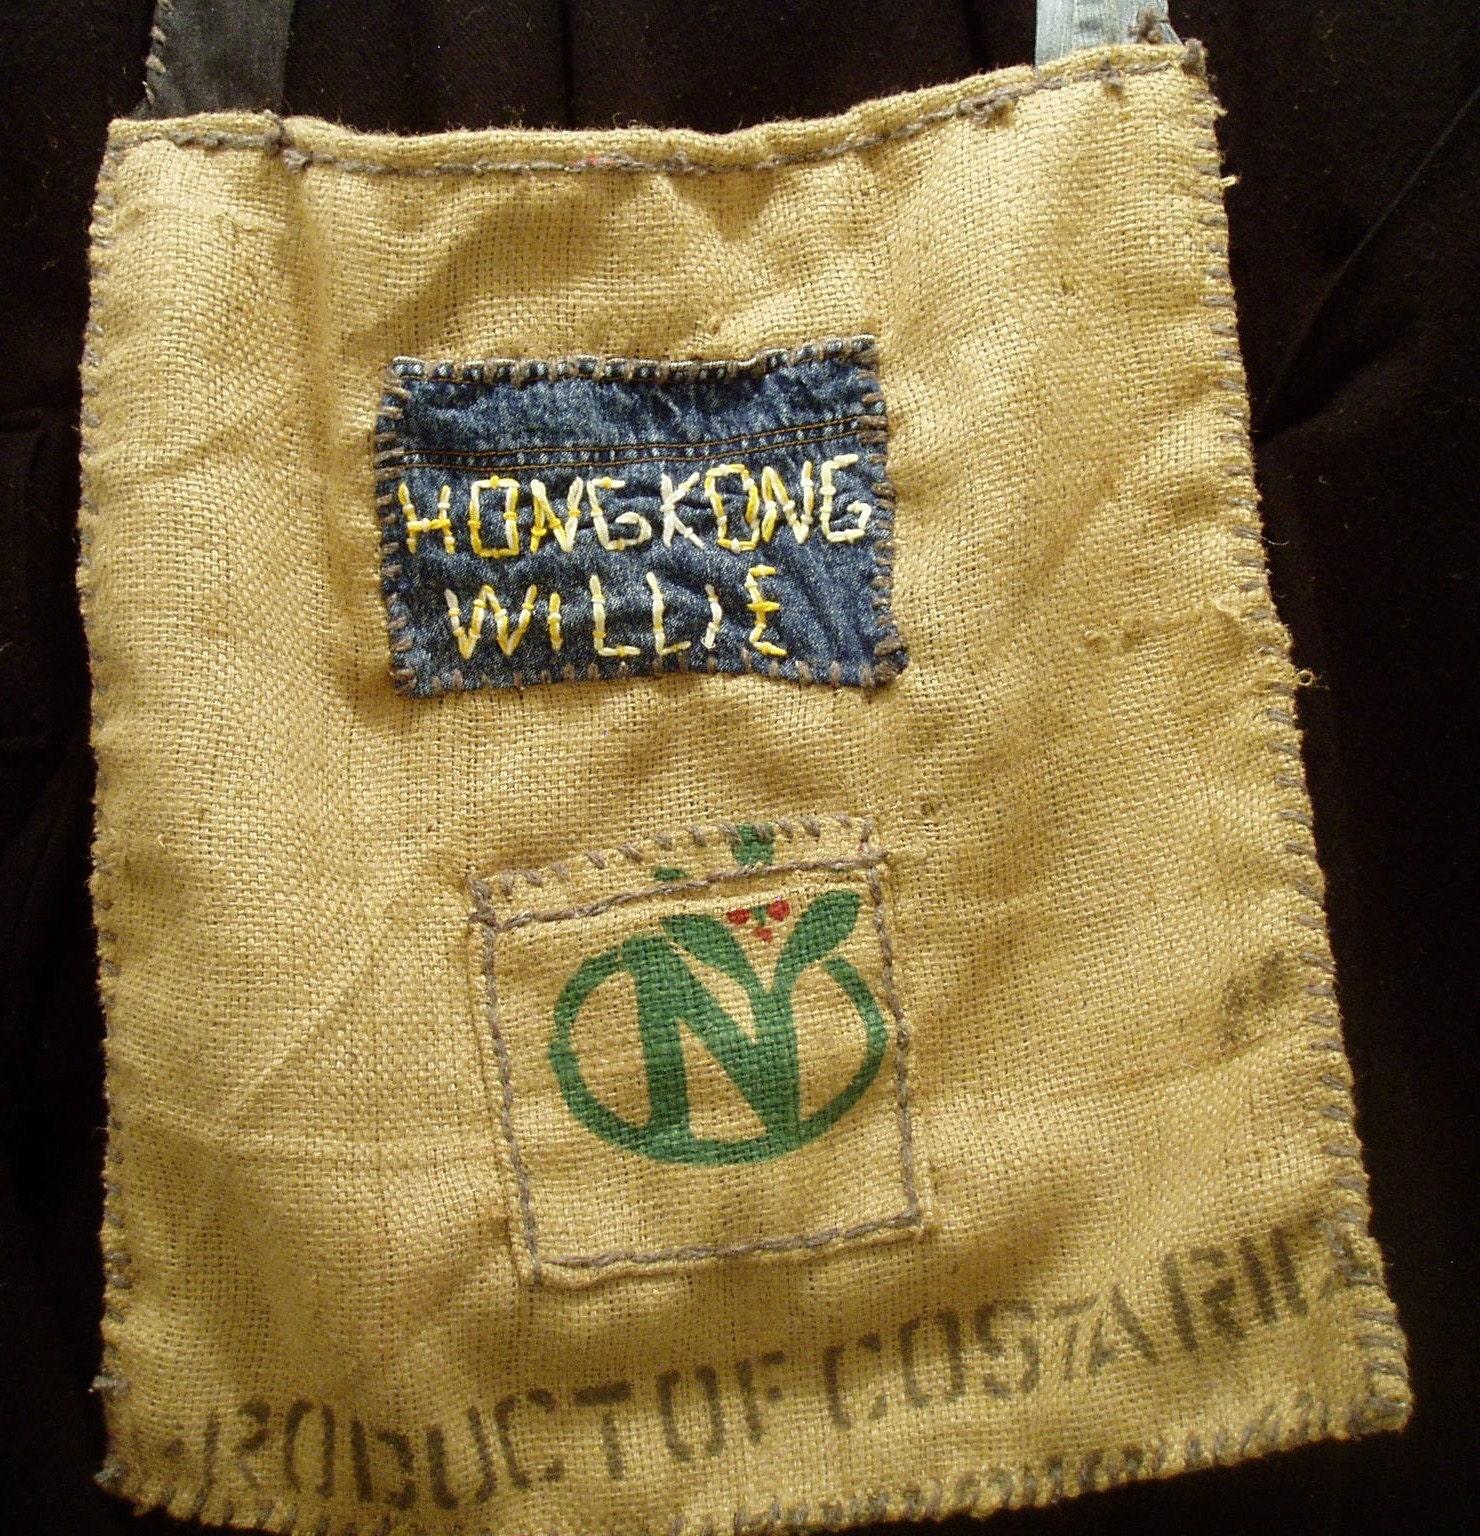 Hippie Bag Hong Kong Willie Green Bag